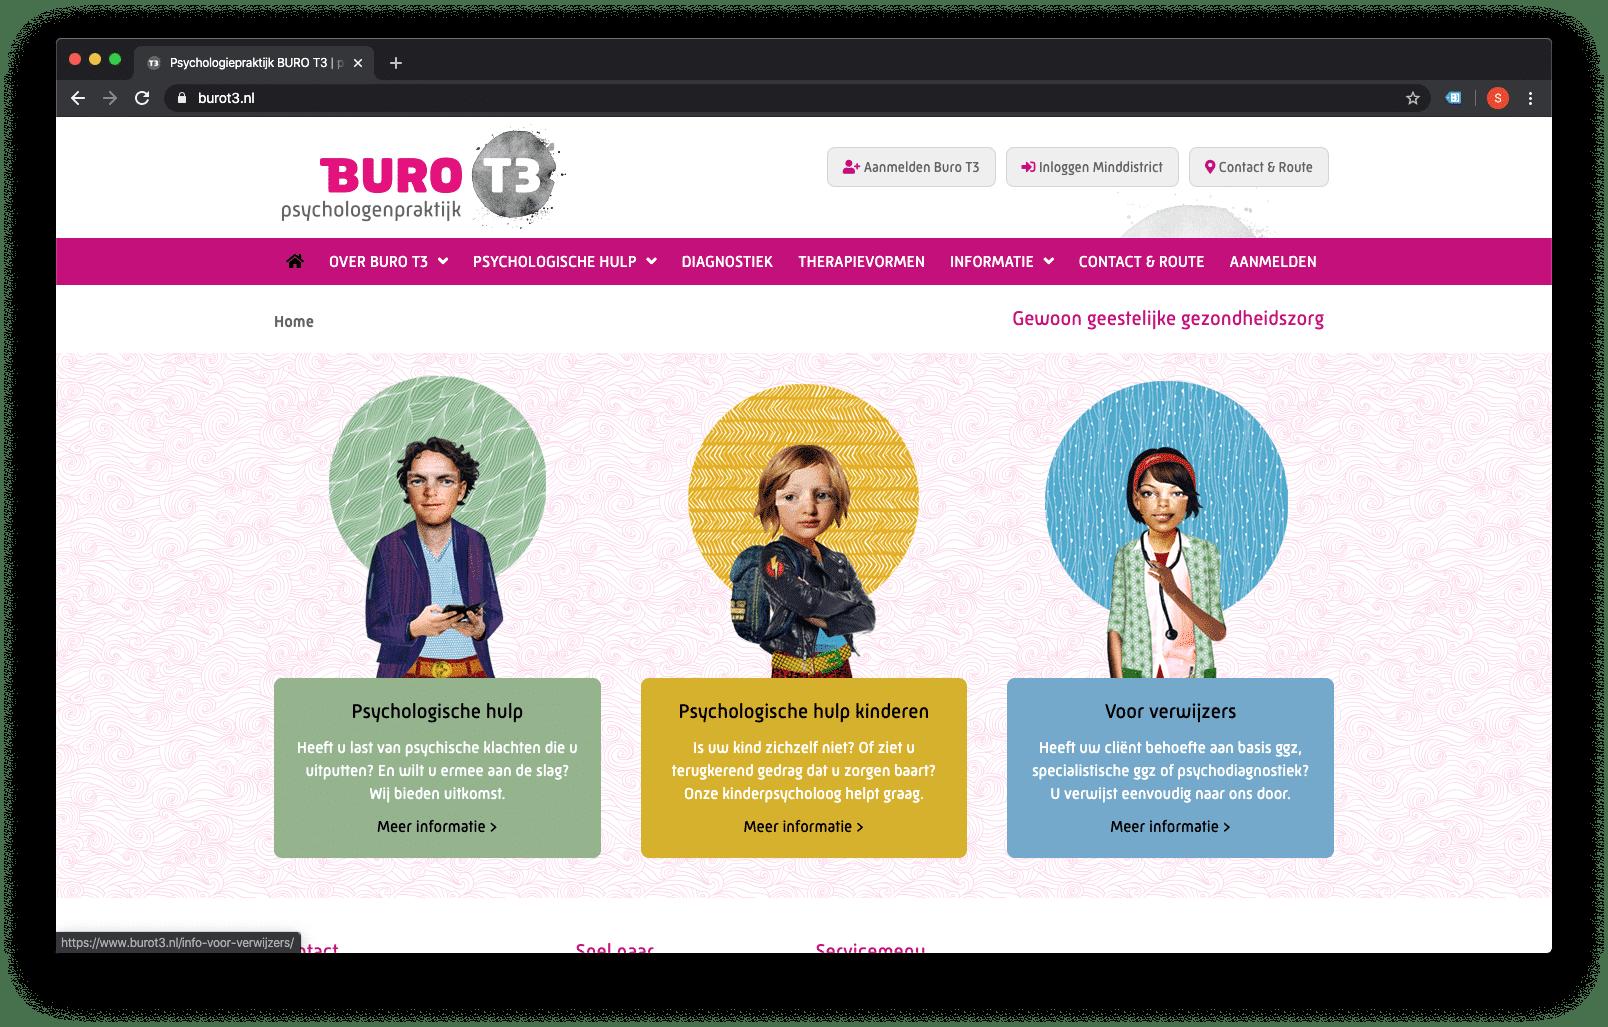 Burot3.nl